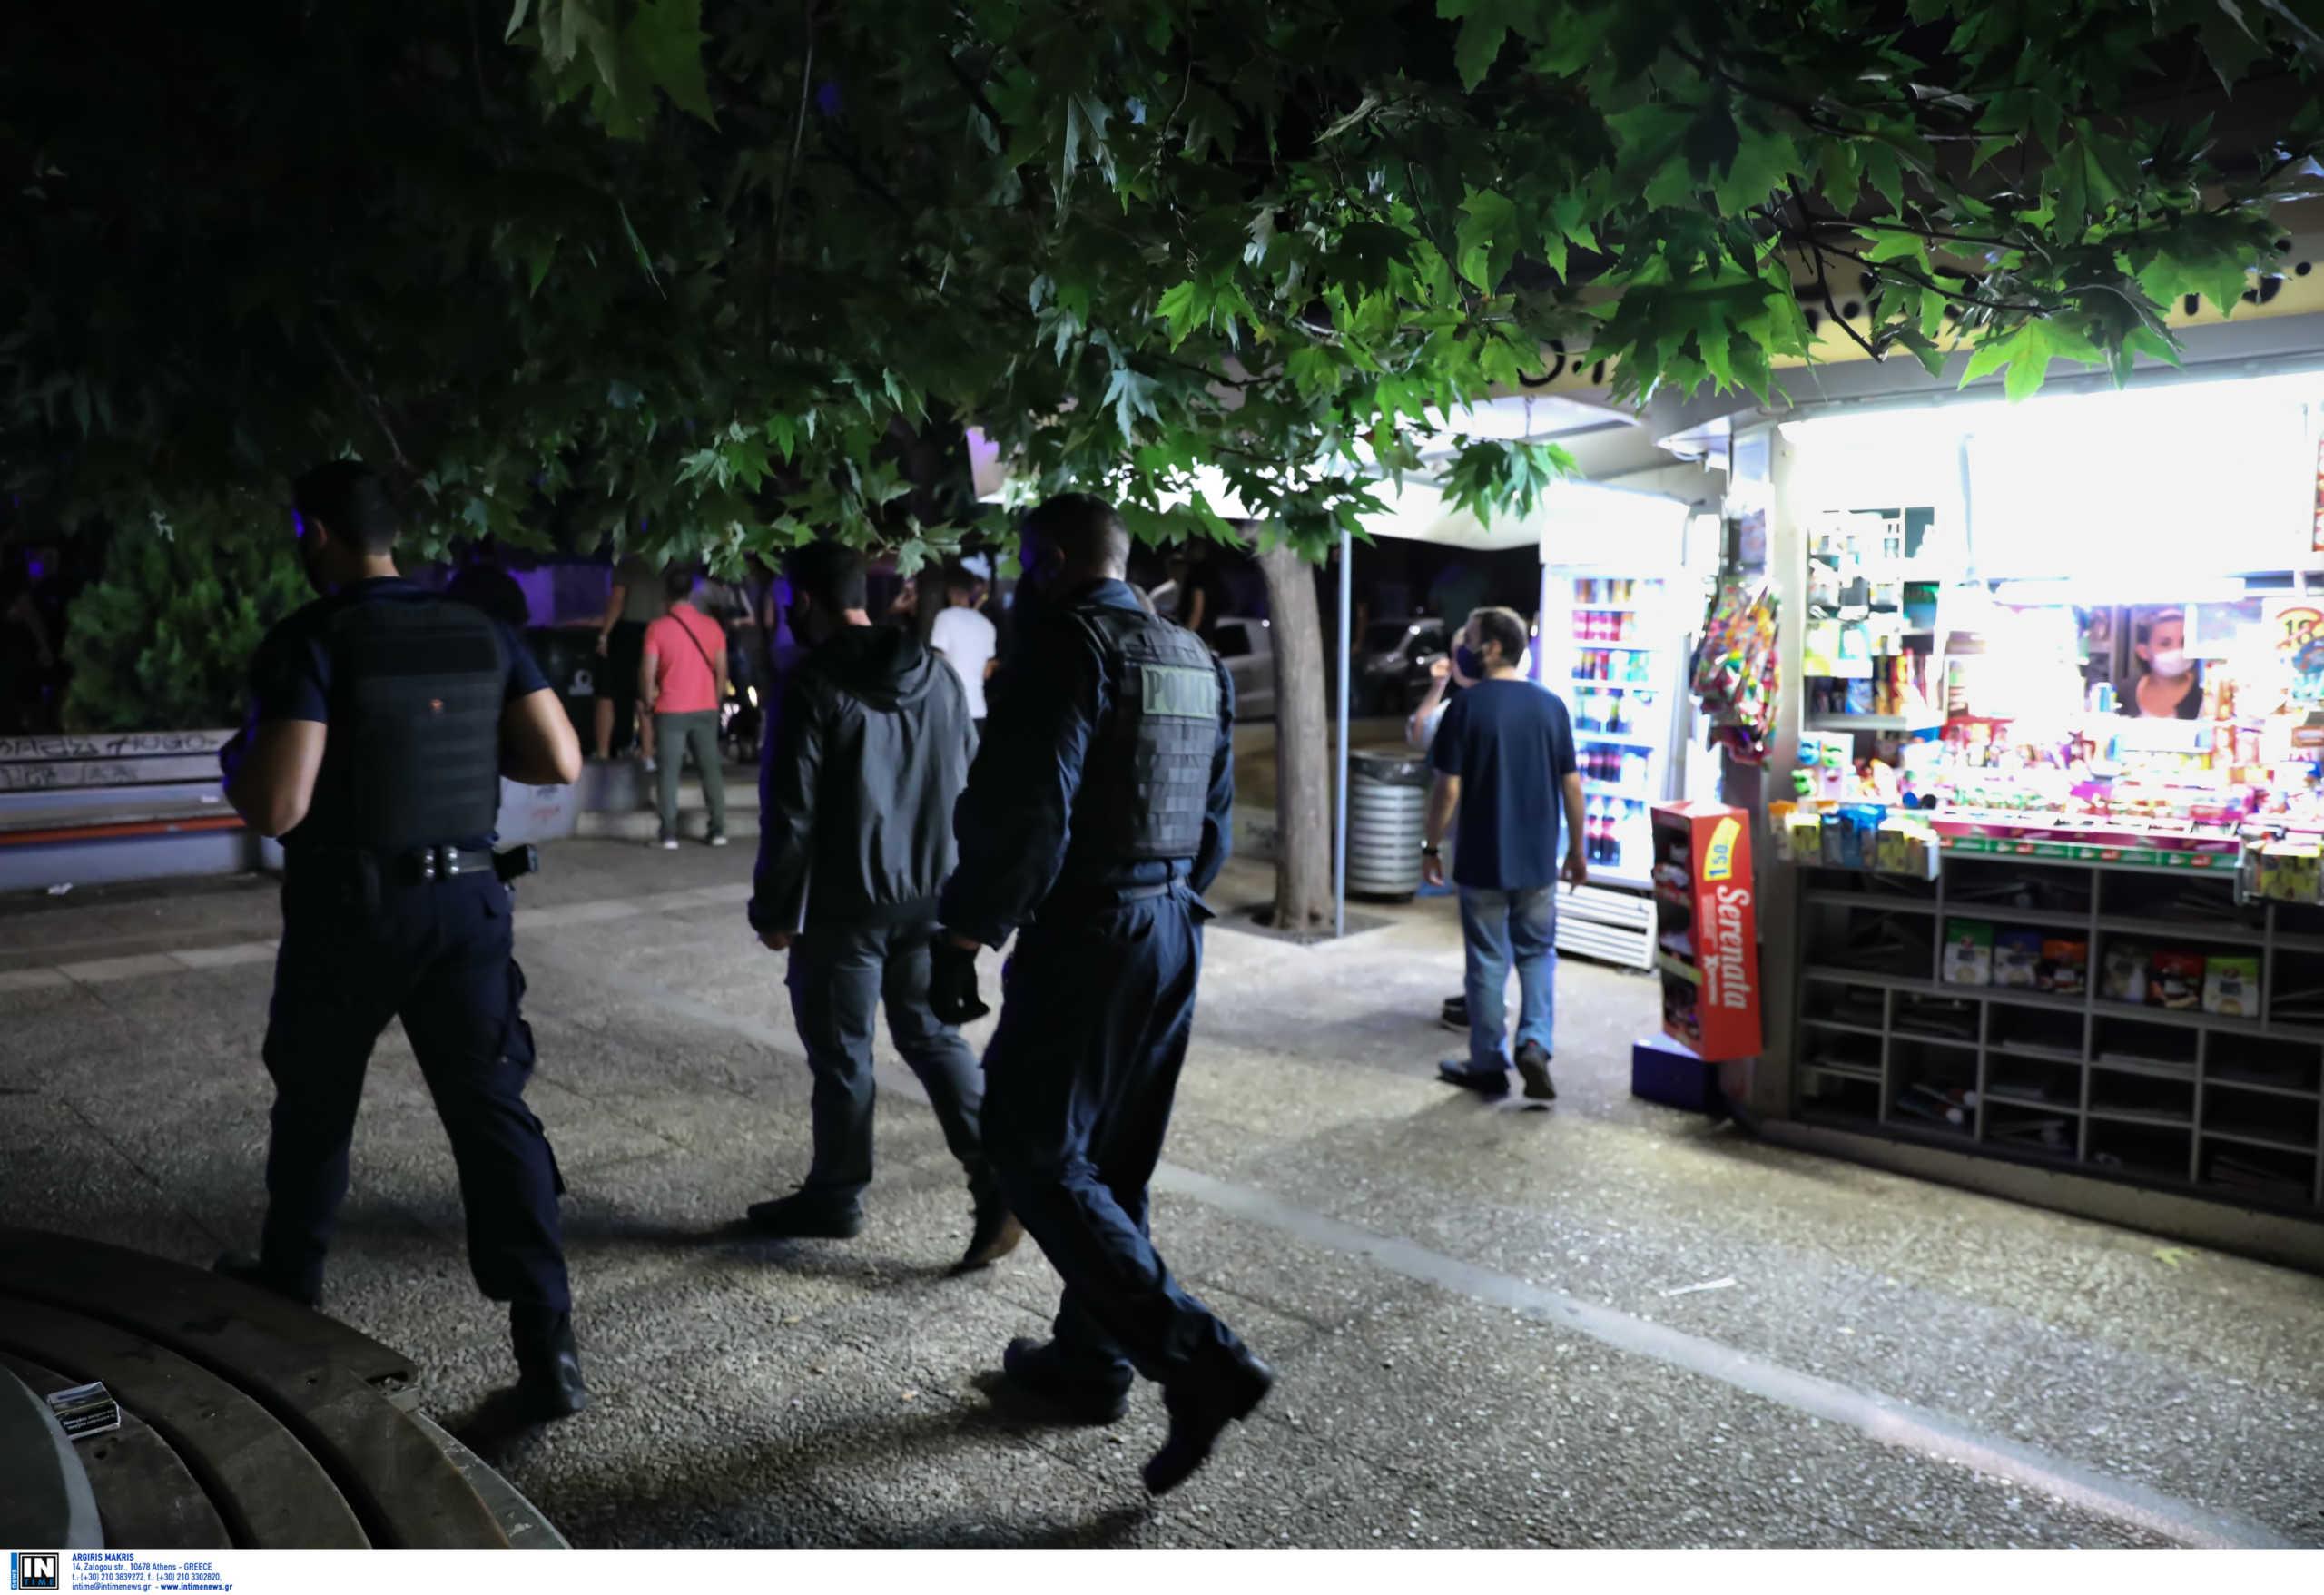 Κορονοϊός: Έκλεισαν τα μεσάνυχτα περίπτερα και κάβες – Περιπολίες από την ΕΛΑΣ